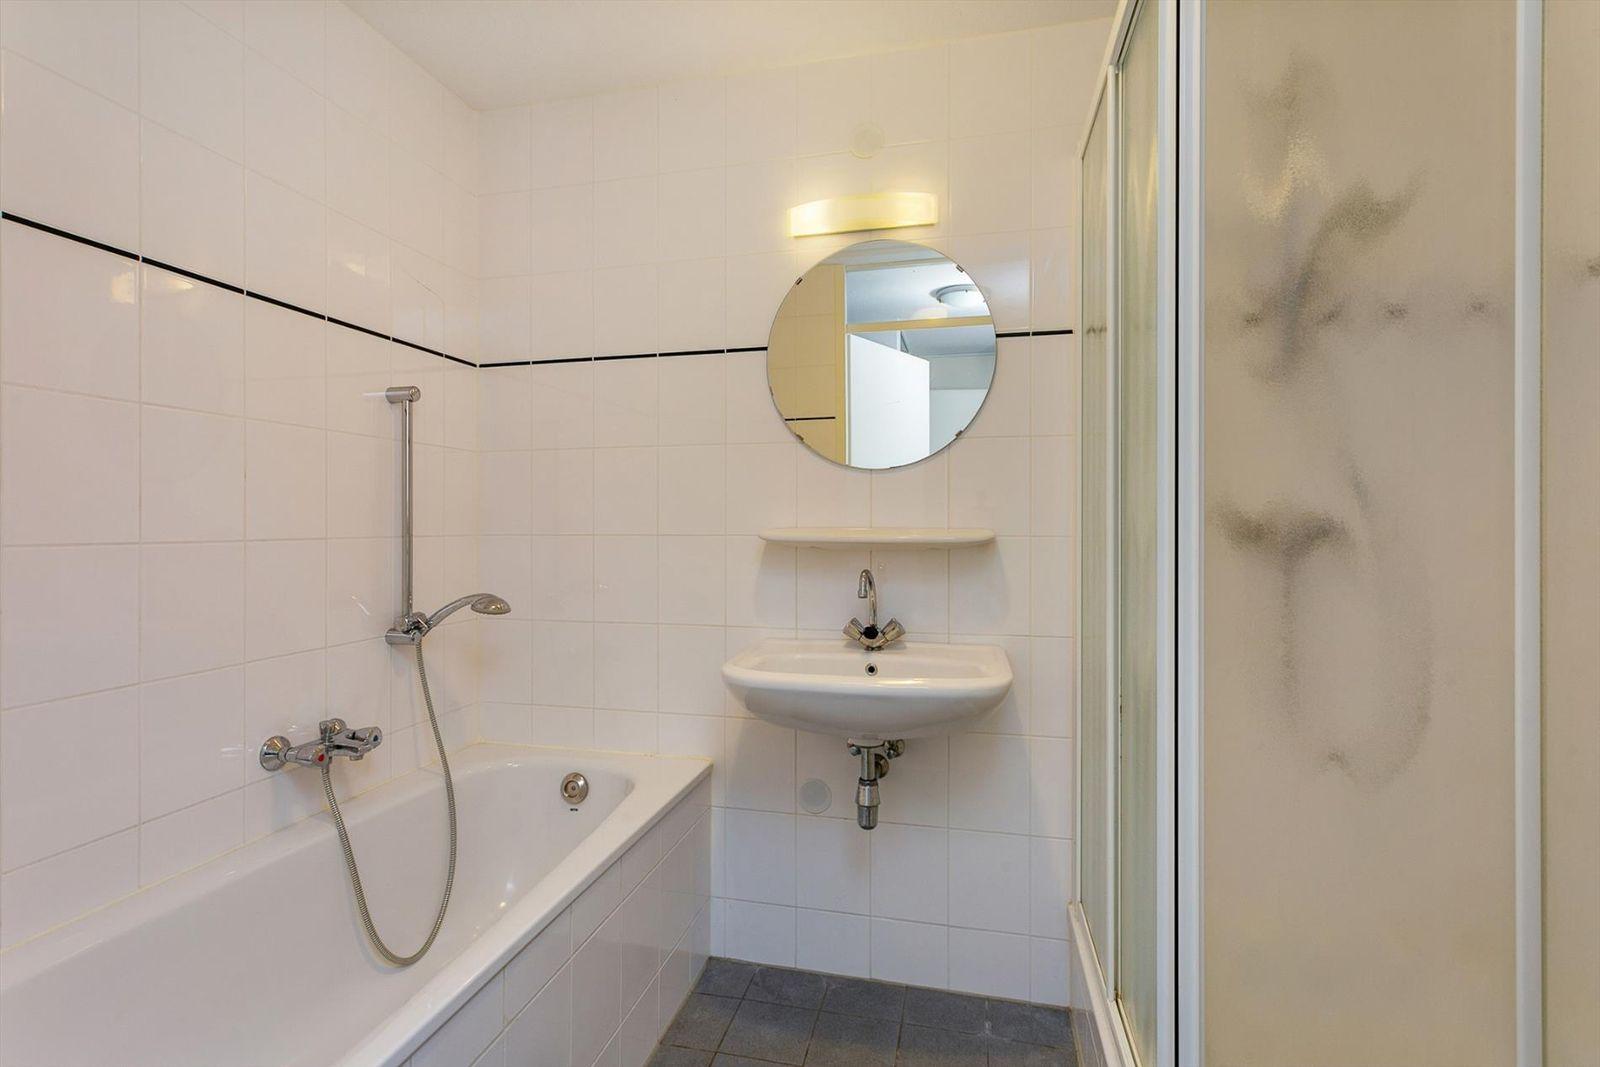 Vakantiehuis te koop in Zuid-Holland in Hellevoetsluis (15).jpg